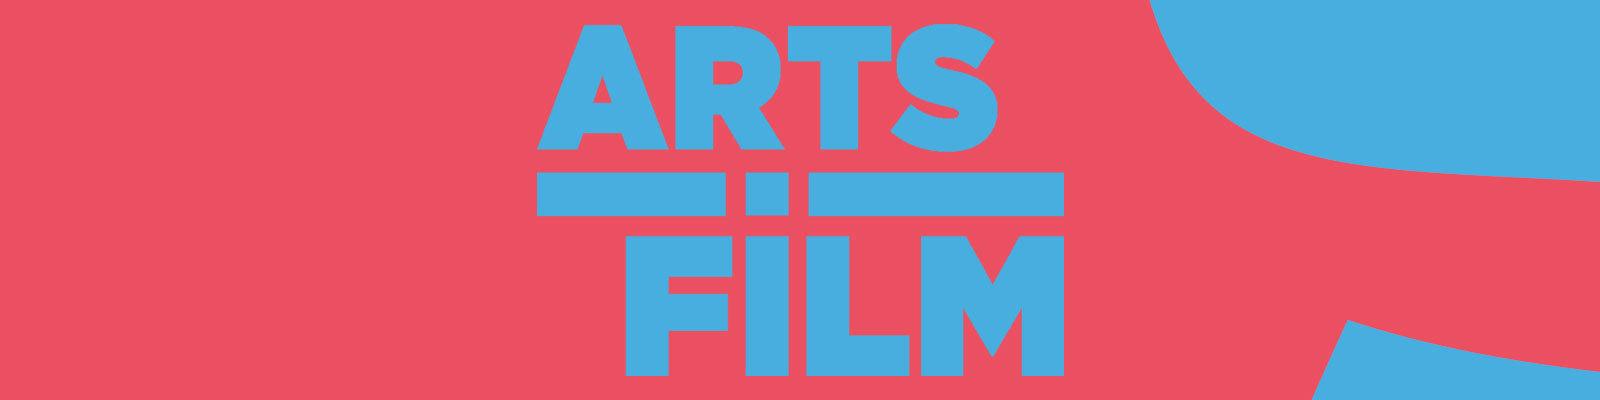 ARTS.FILM